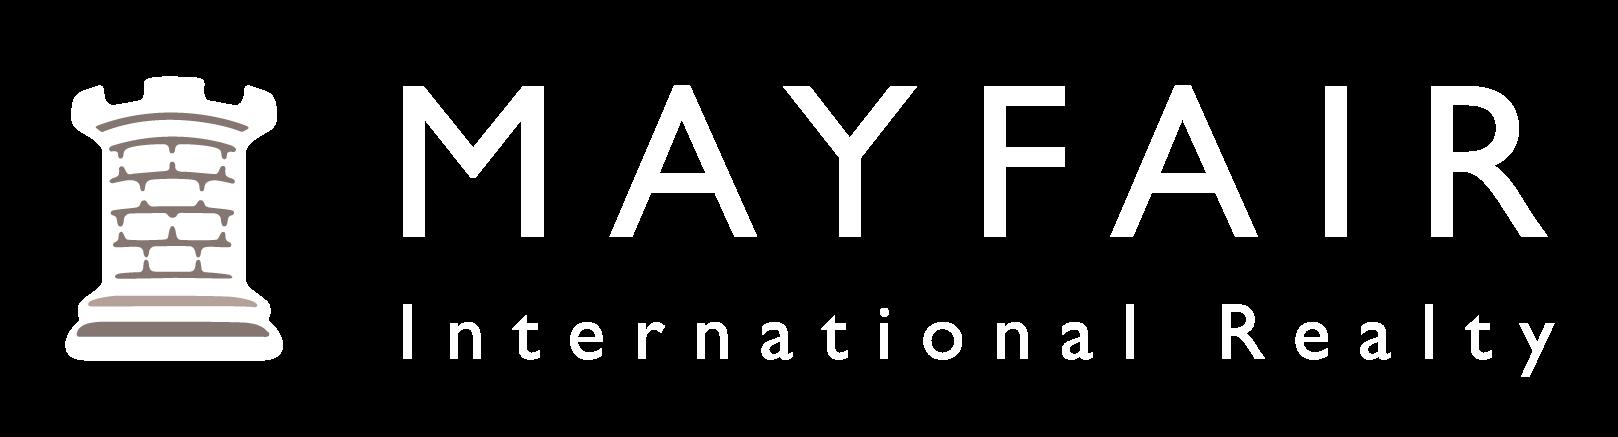 MayfairWhite.png